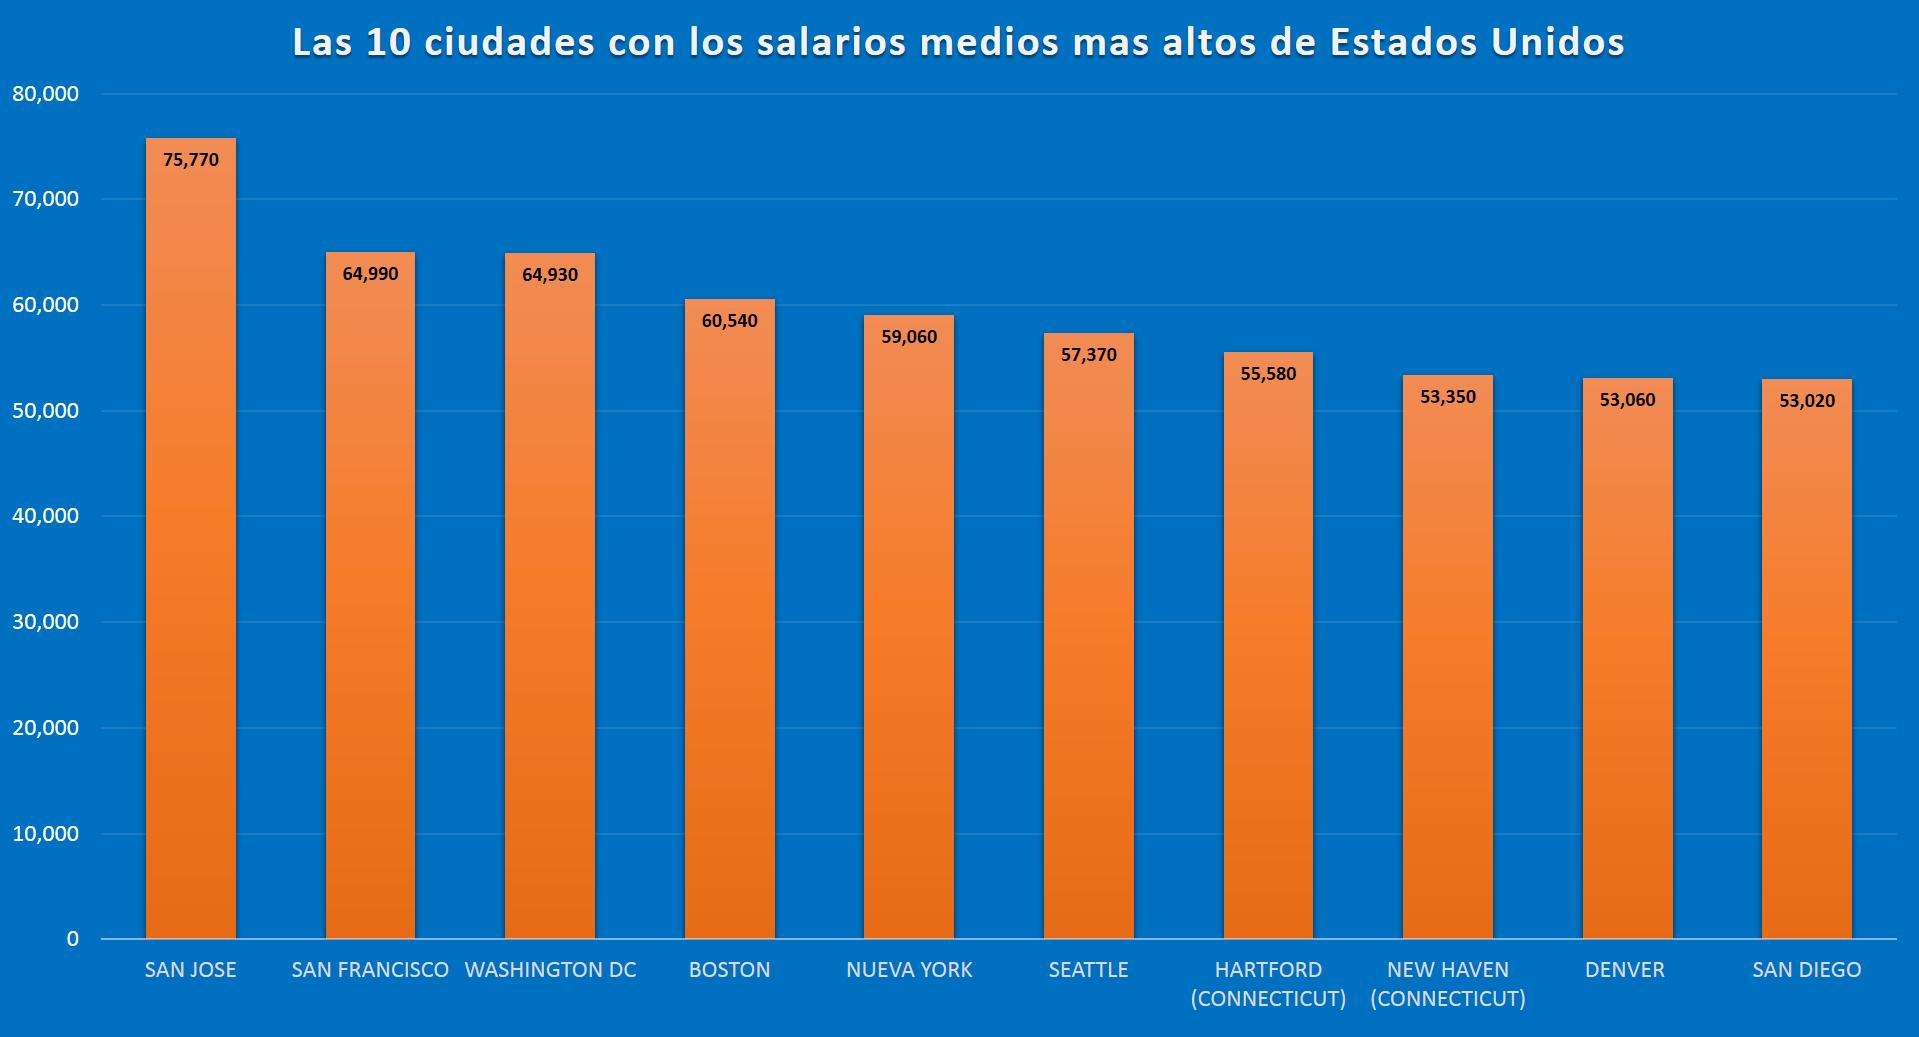 ciudades de estados unidos con los salarios medios mas altos